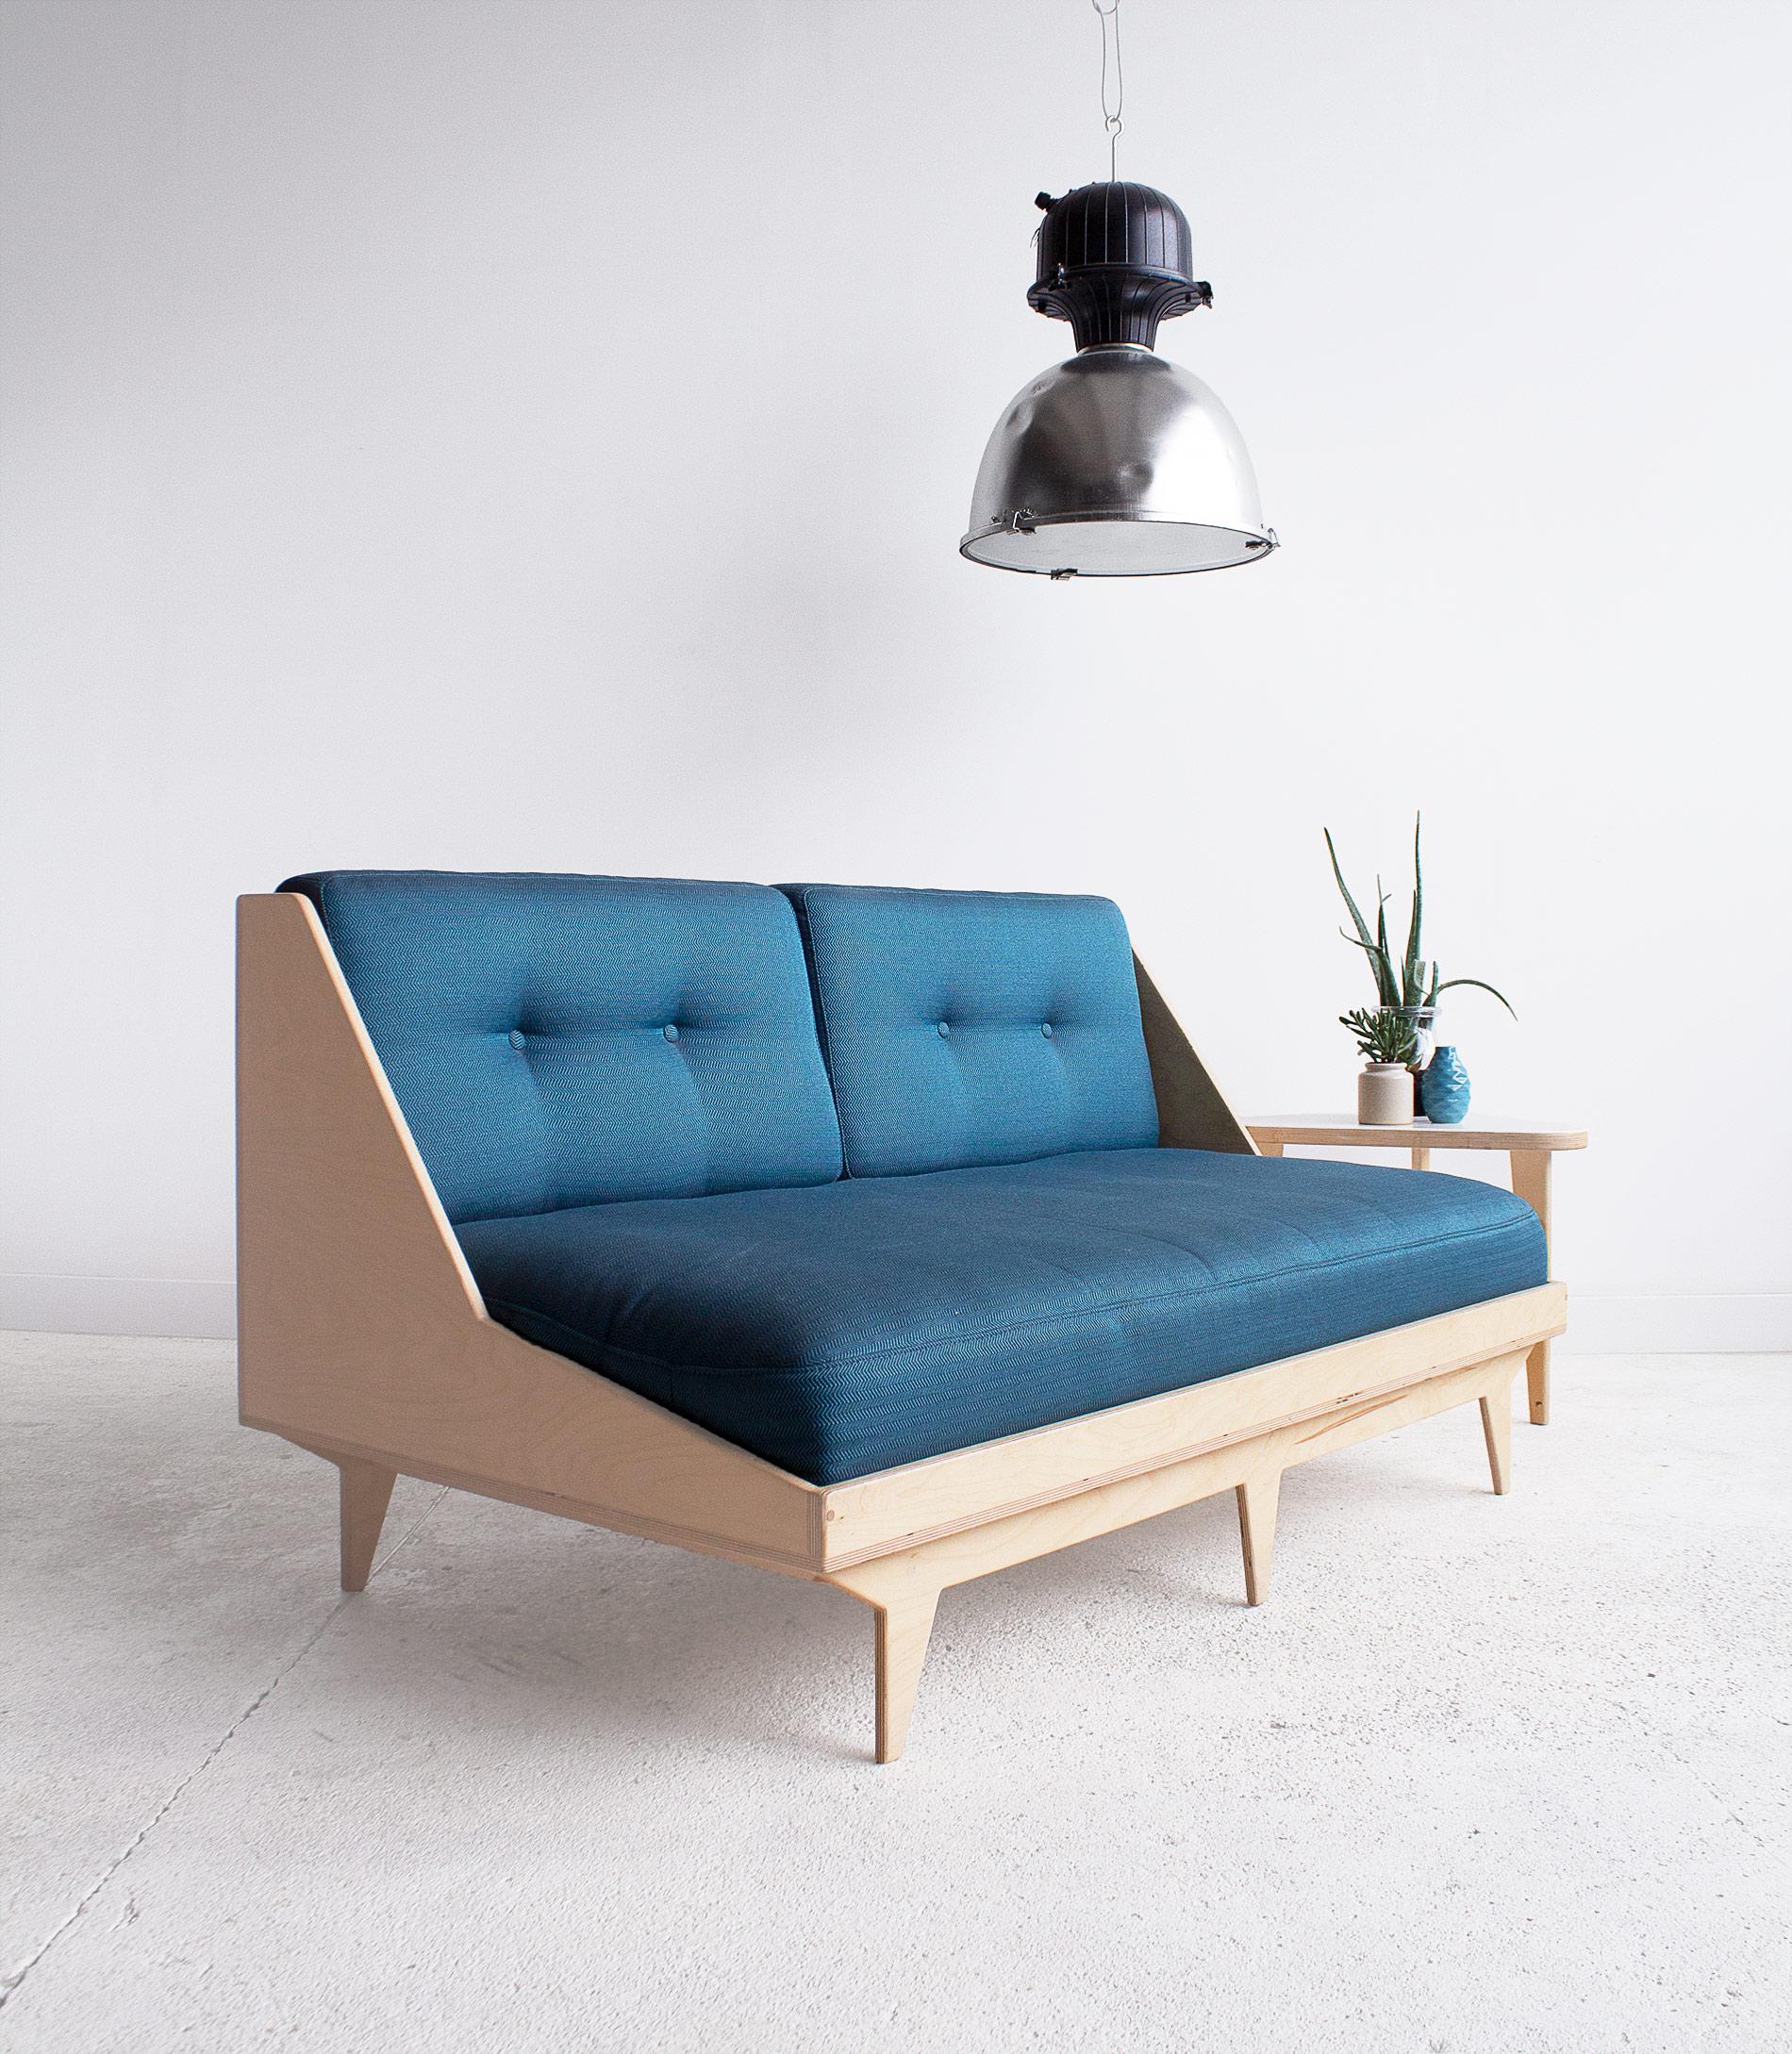 sofa 2osobowa ze sklejki